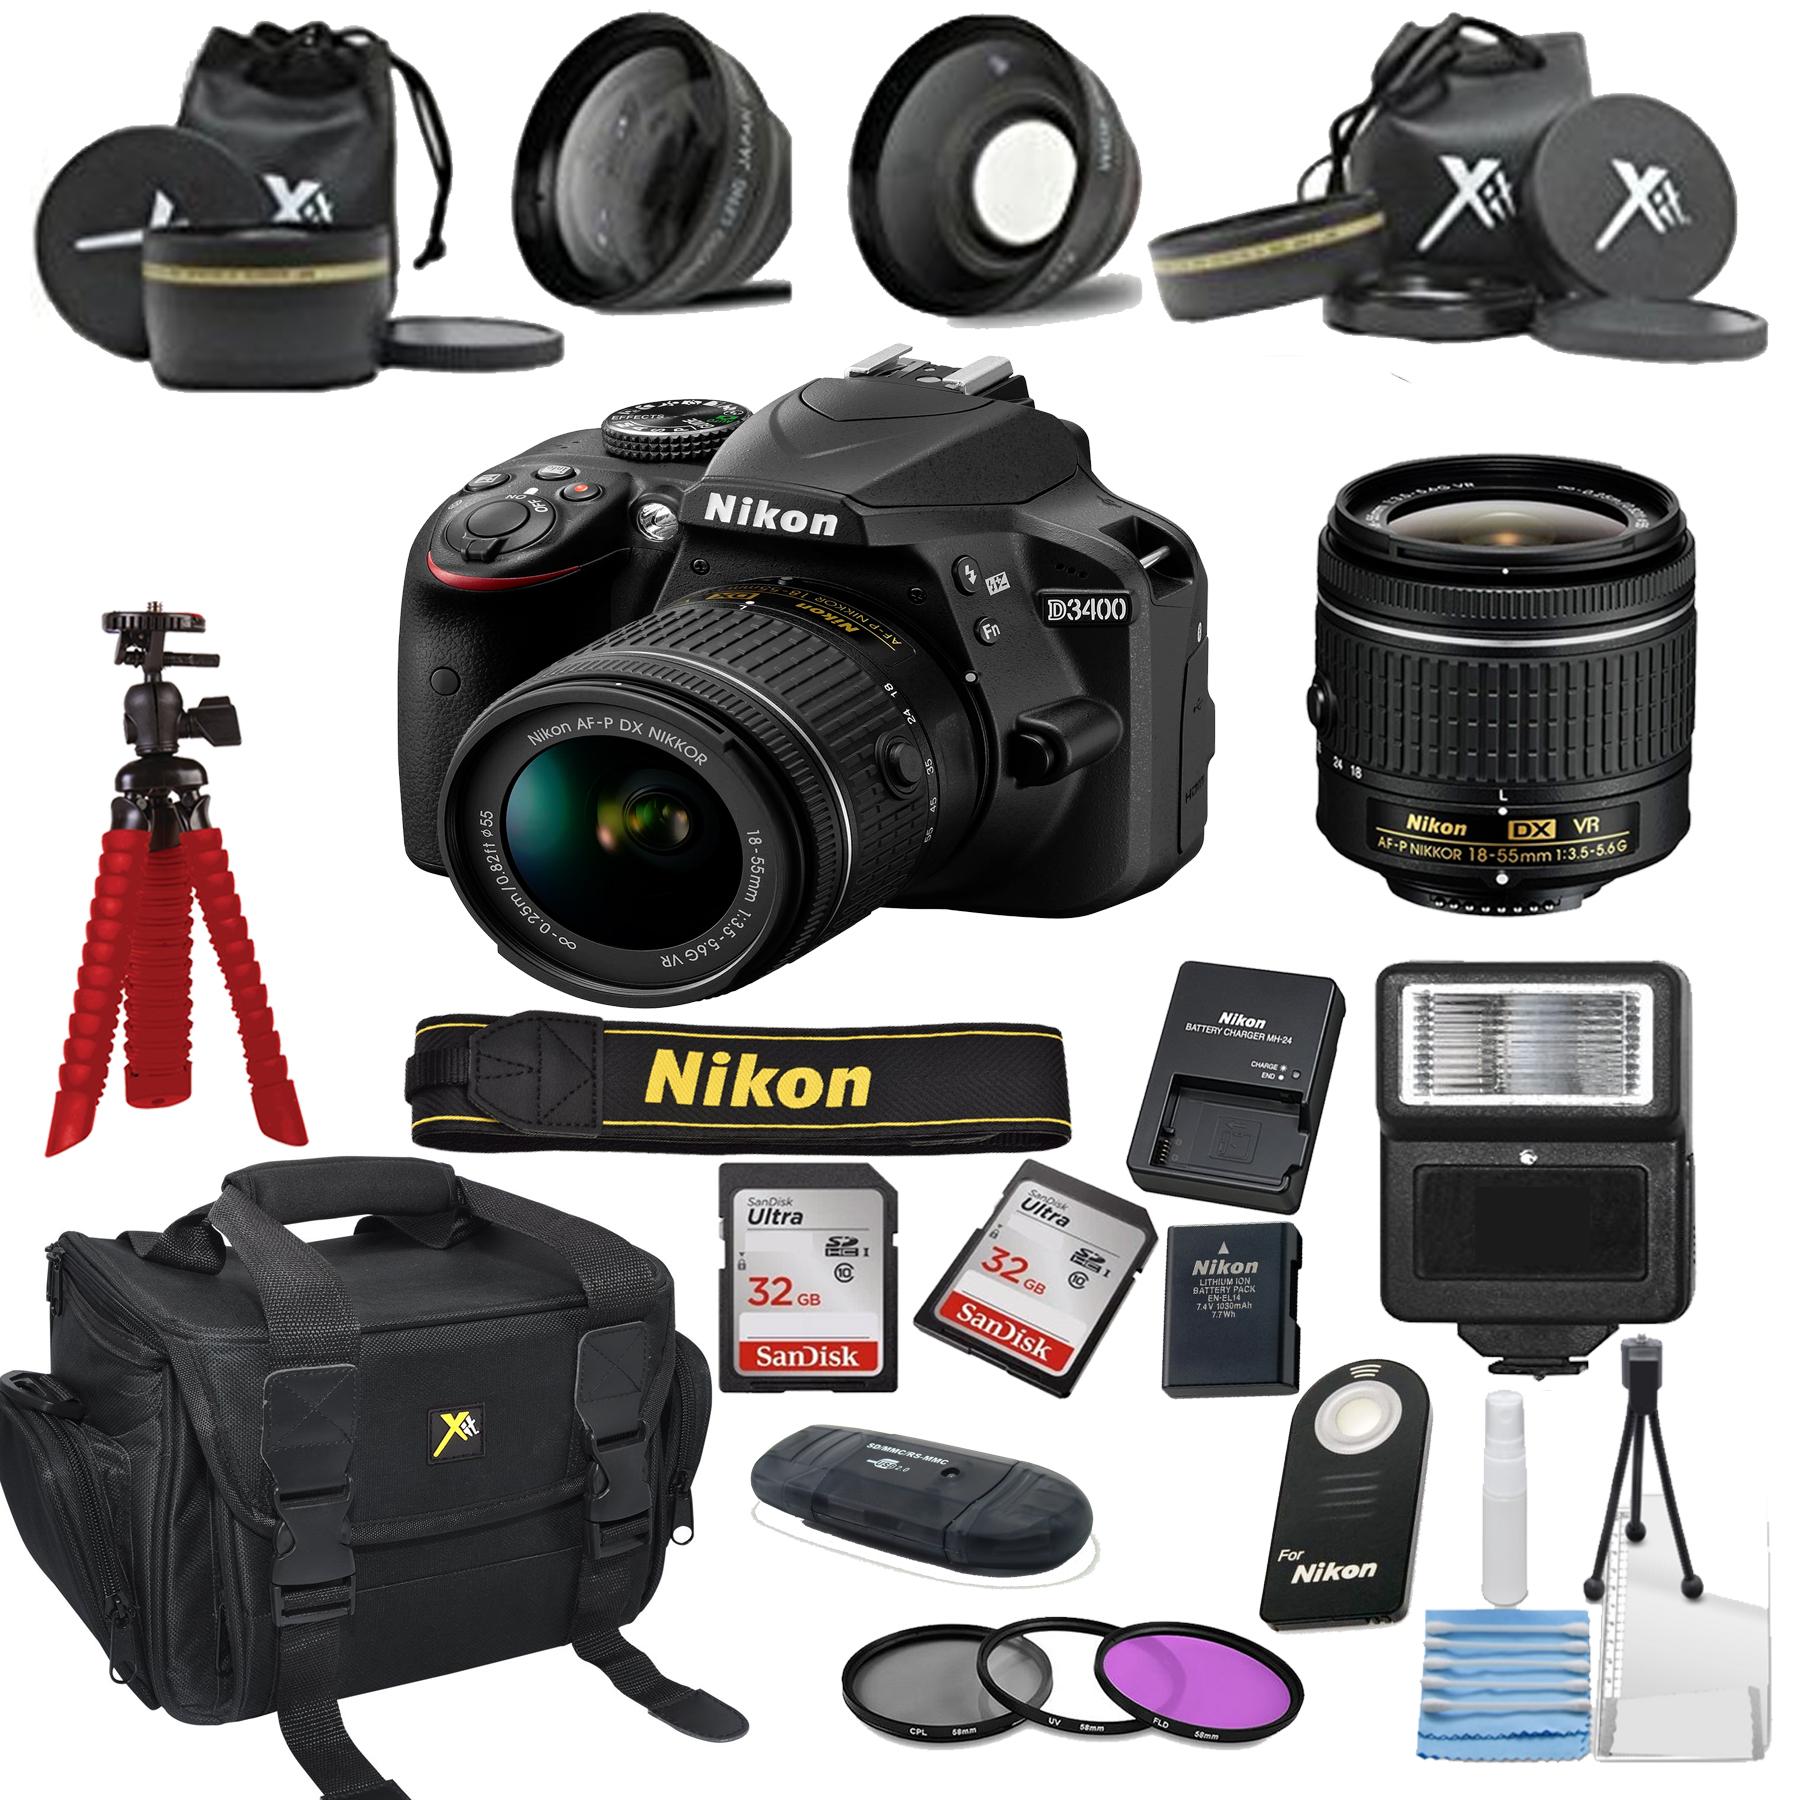 Nikon D3400 24.2 MP DSLR Camera + 18-55mm VR Lens Kit + Accessory Bundle (Certified Refurbished)